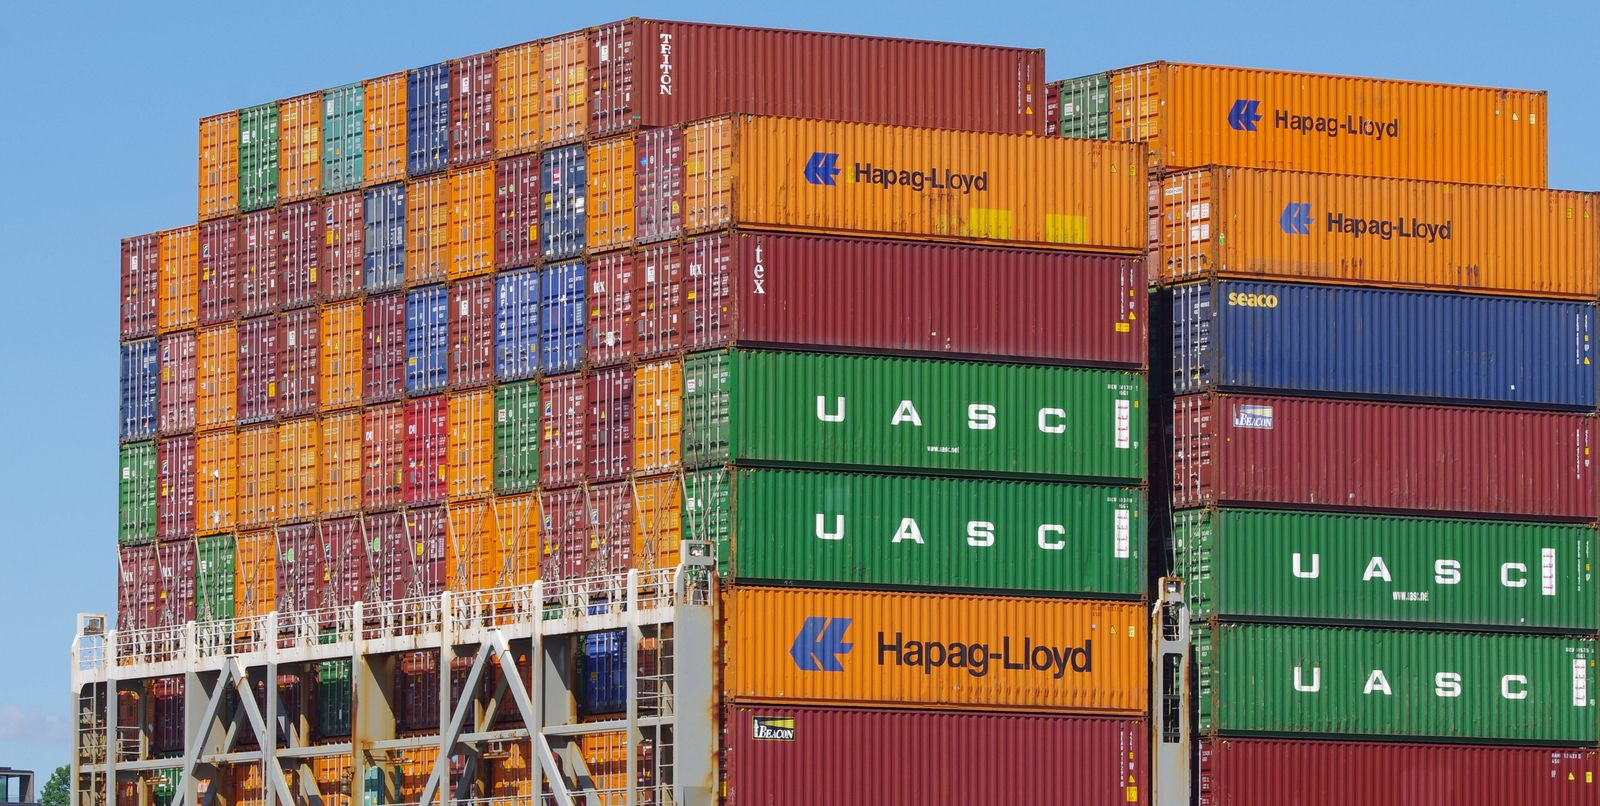 Im- und Export: Container an Deck eines Frachters, der in den Hamburger Hafen einläuft. *** In and export container on